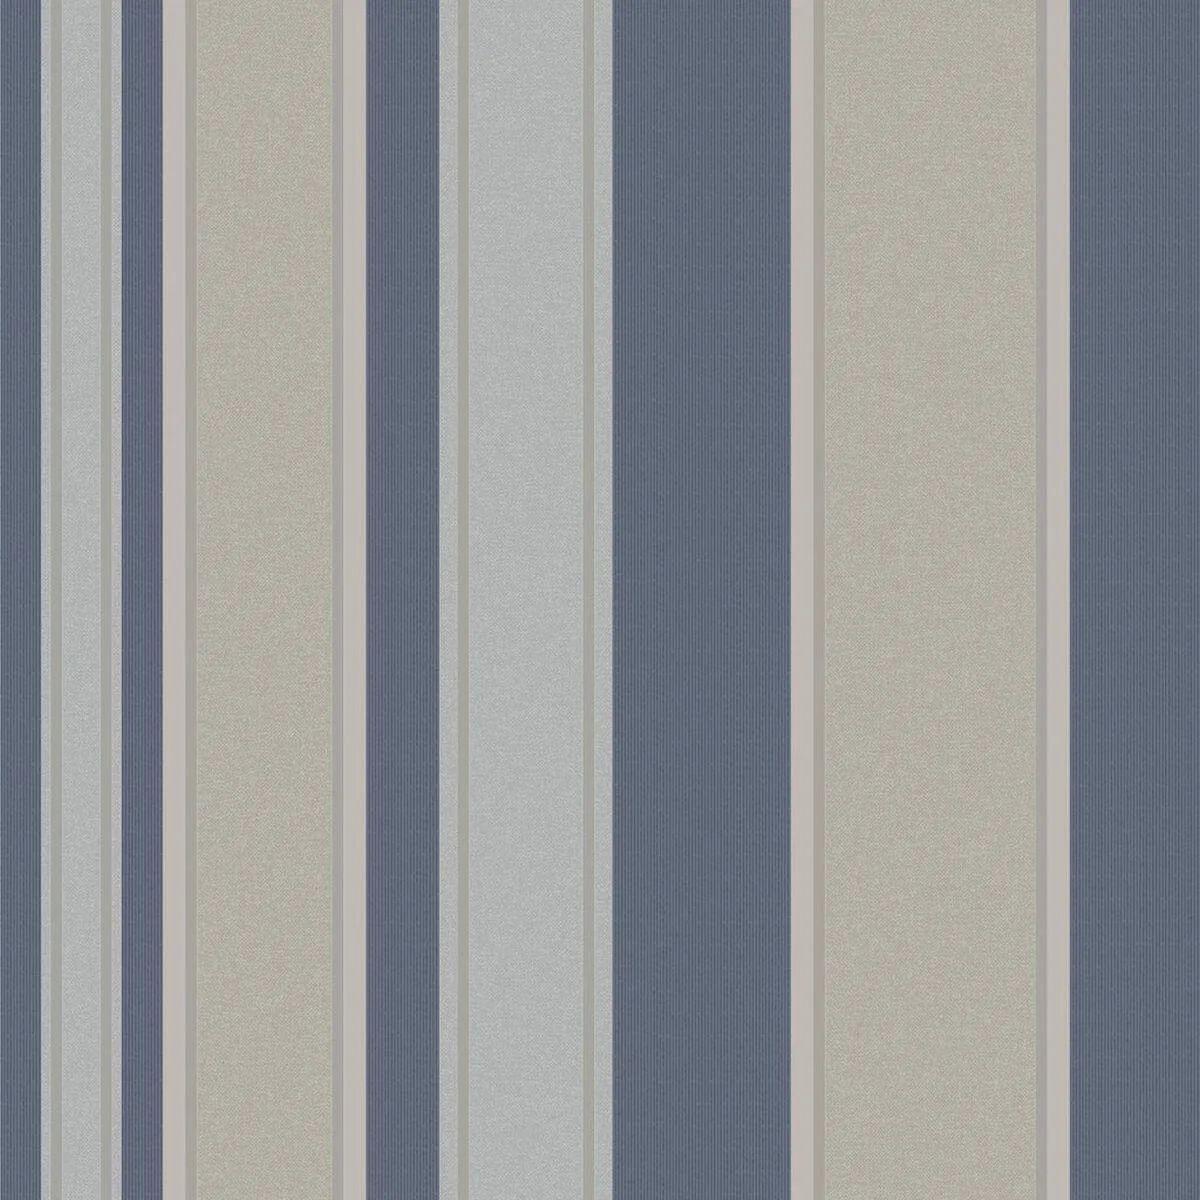 Passiamo ora allacollezione in pasta bianca grace, disponibile in sei colori lucidi (petrolio, avorio, giada, tortora, argento e cipria) e con graziosi decori (square e flower), che si completa con la carta da parati in varie tonalità di verde petrolio dal look moderno ma garbato, con decorazioni suggestive e romantiche. Carta Da Parati Riga Blu E Tortora 53 Cm X 10 M Leroy Merlin